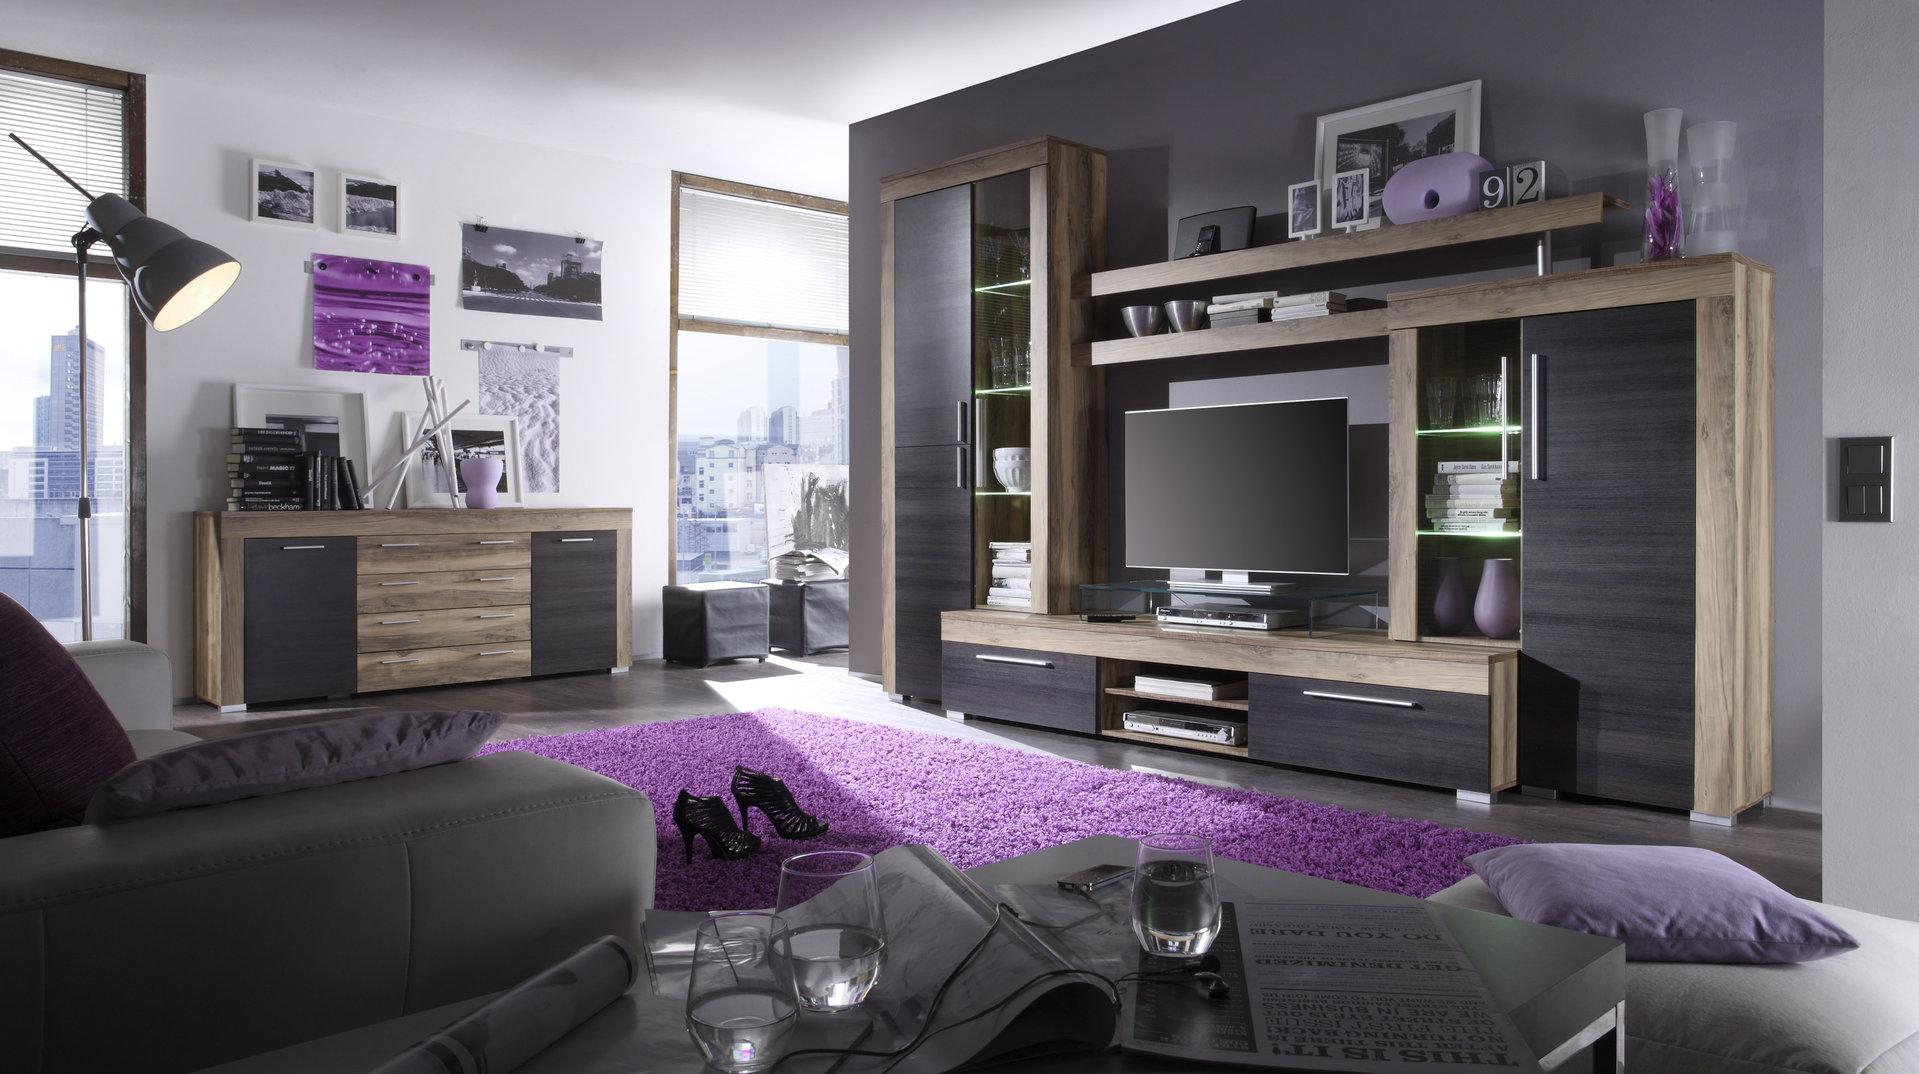 Credenza Moderna Salotto : Madia moderna friend mobile soggiorno in 3 colori credenza